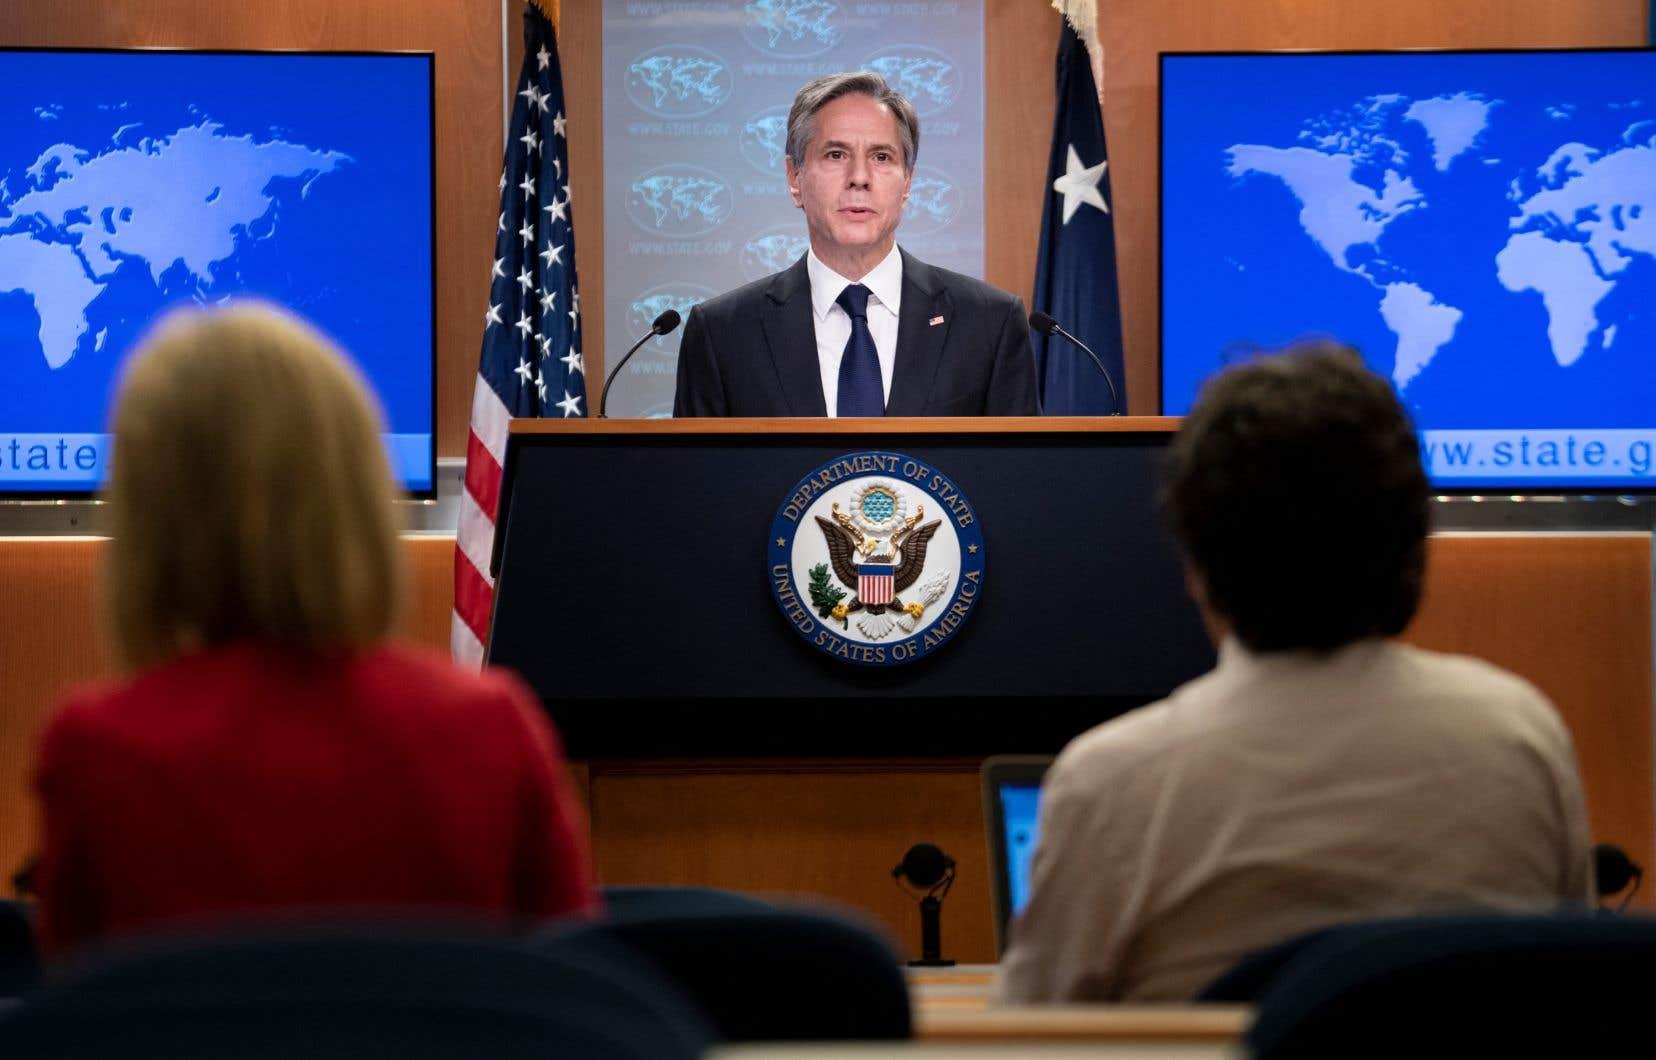 «Les actes iraniens sont une menace directe contre la liberté de navigation», a martelé Antony Blinken, qui avait déjà accusé la veille l'Iran d'avoir mené cette attaque.